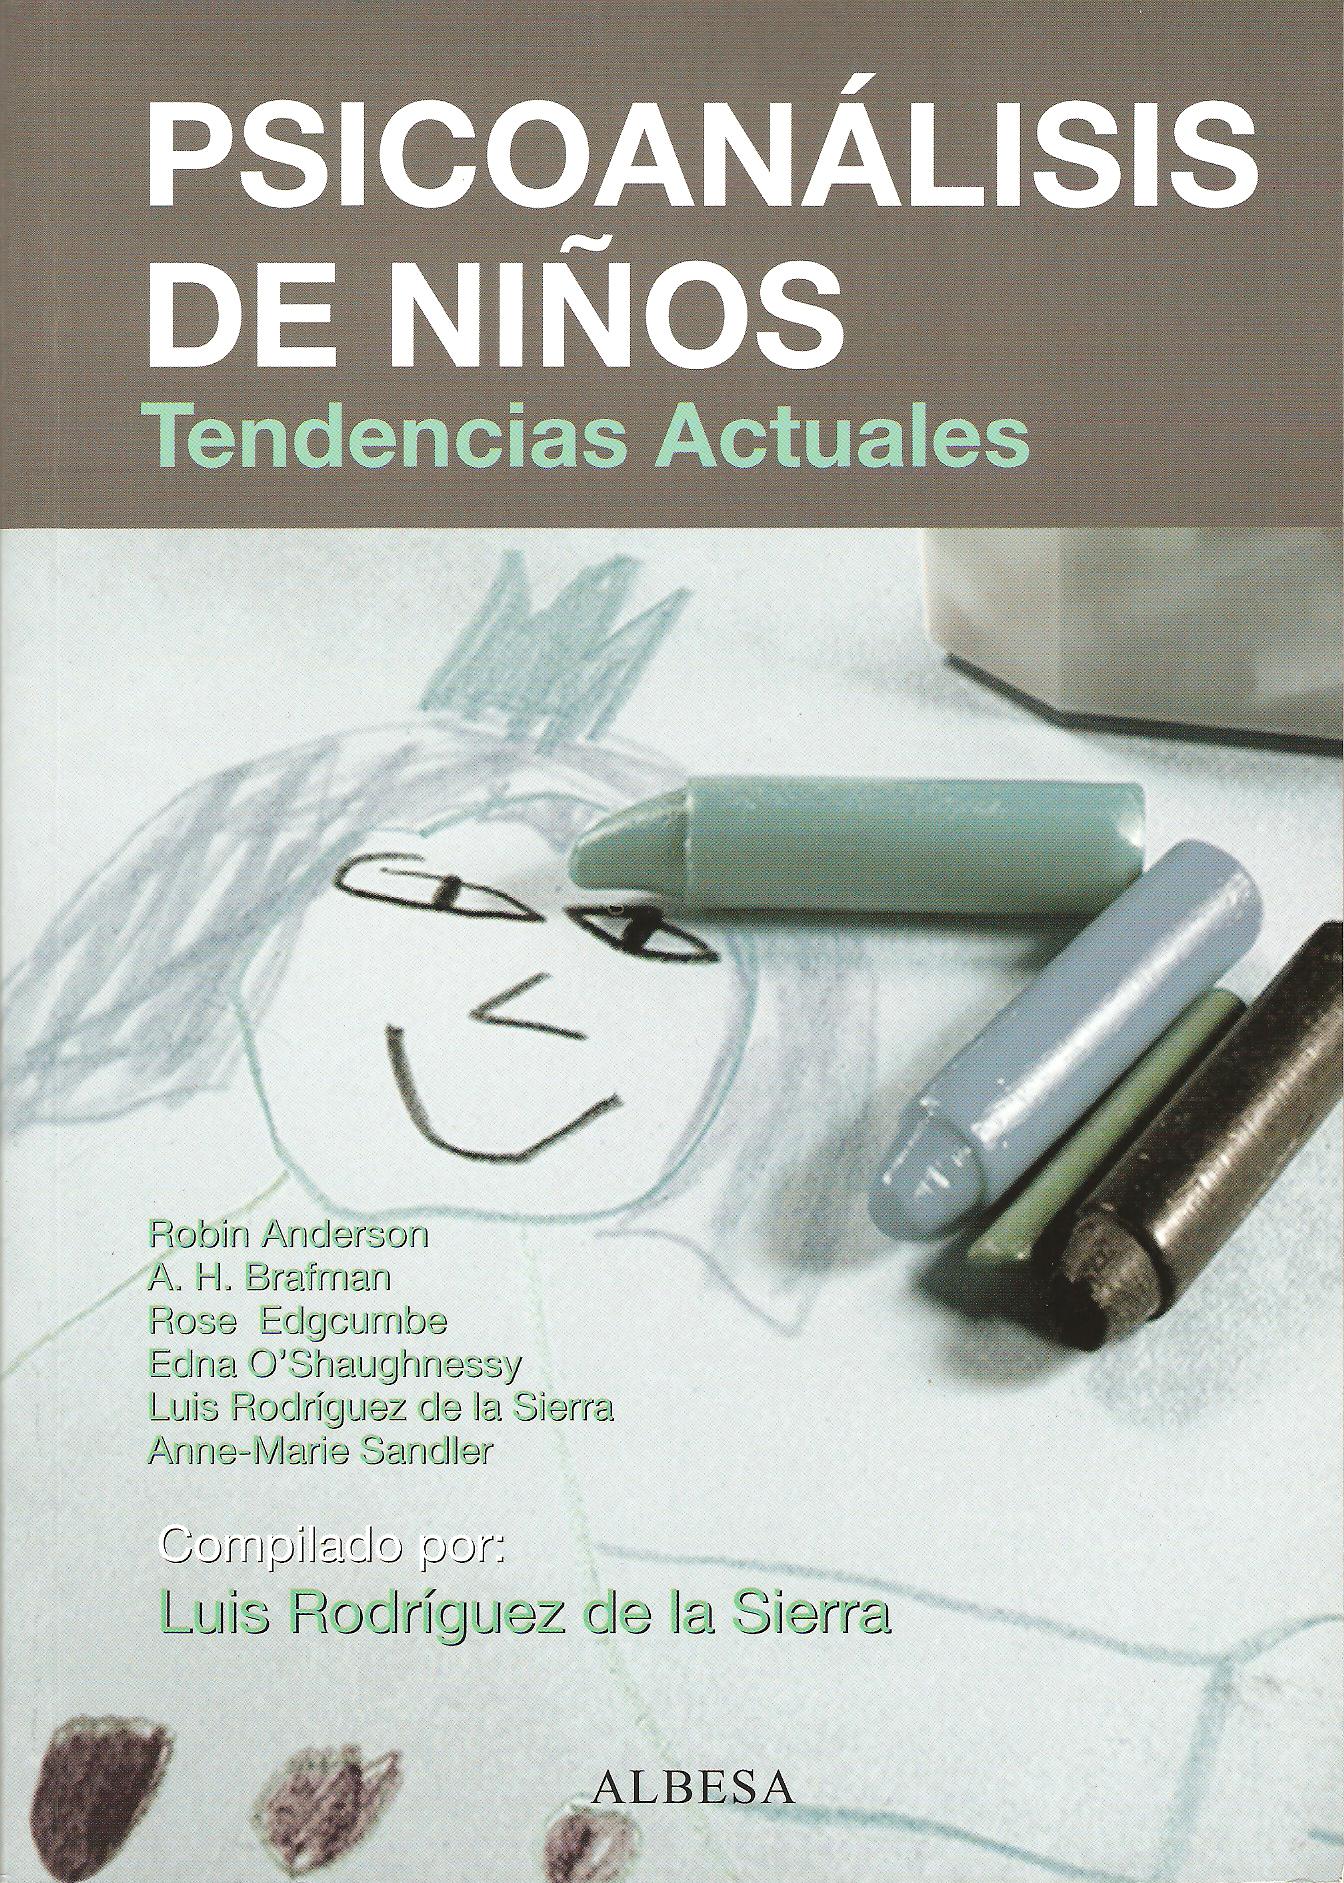 PSICOANÁLISIS DE NIÑOS. TENDENCIAS ACTUALES. TENDENCIAS ACTUALES